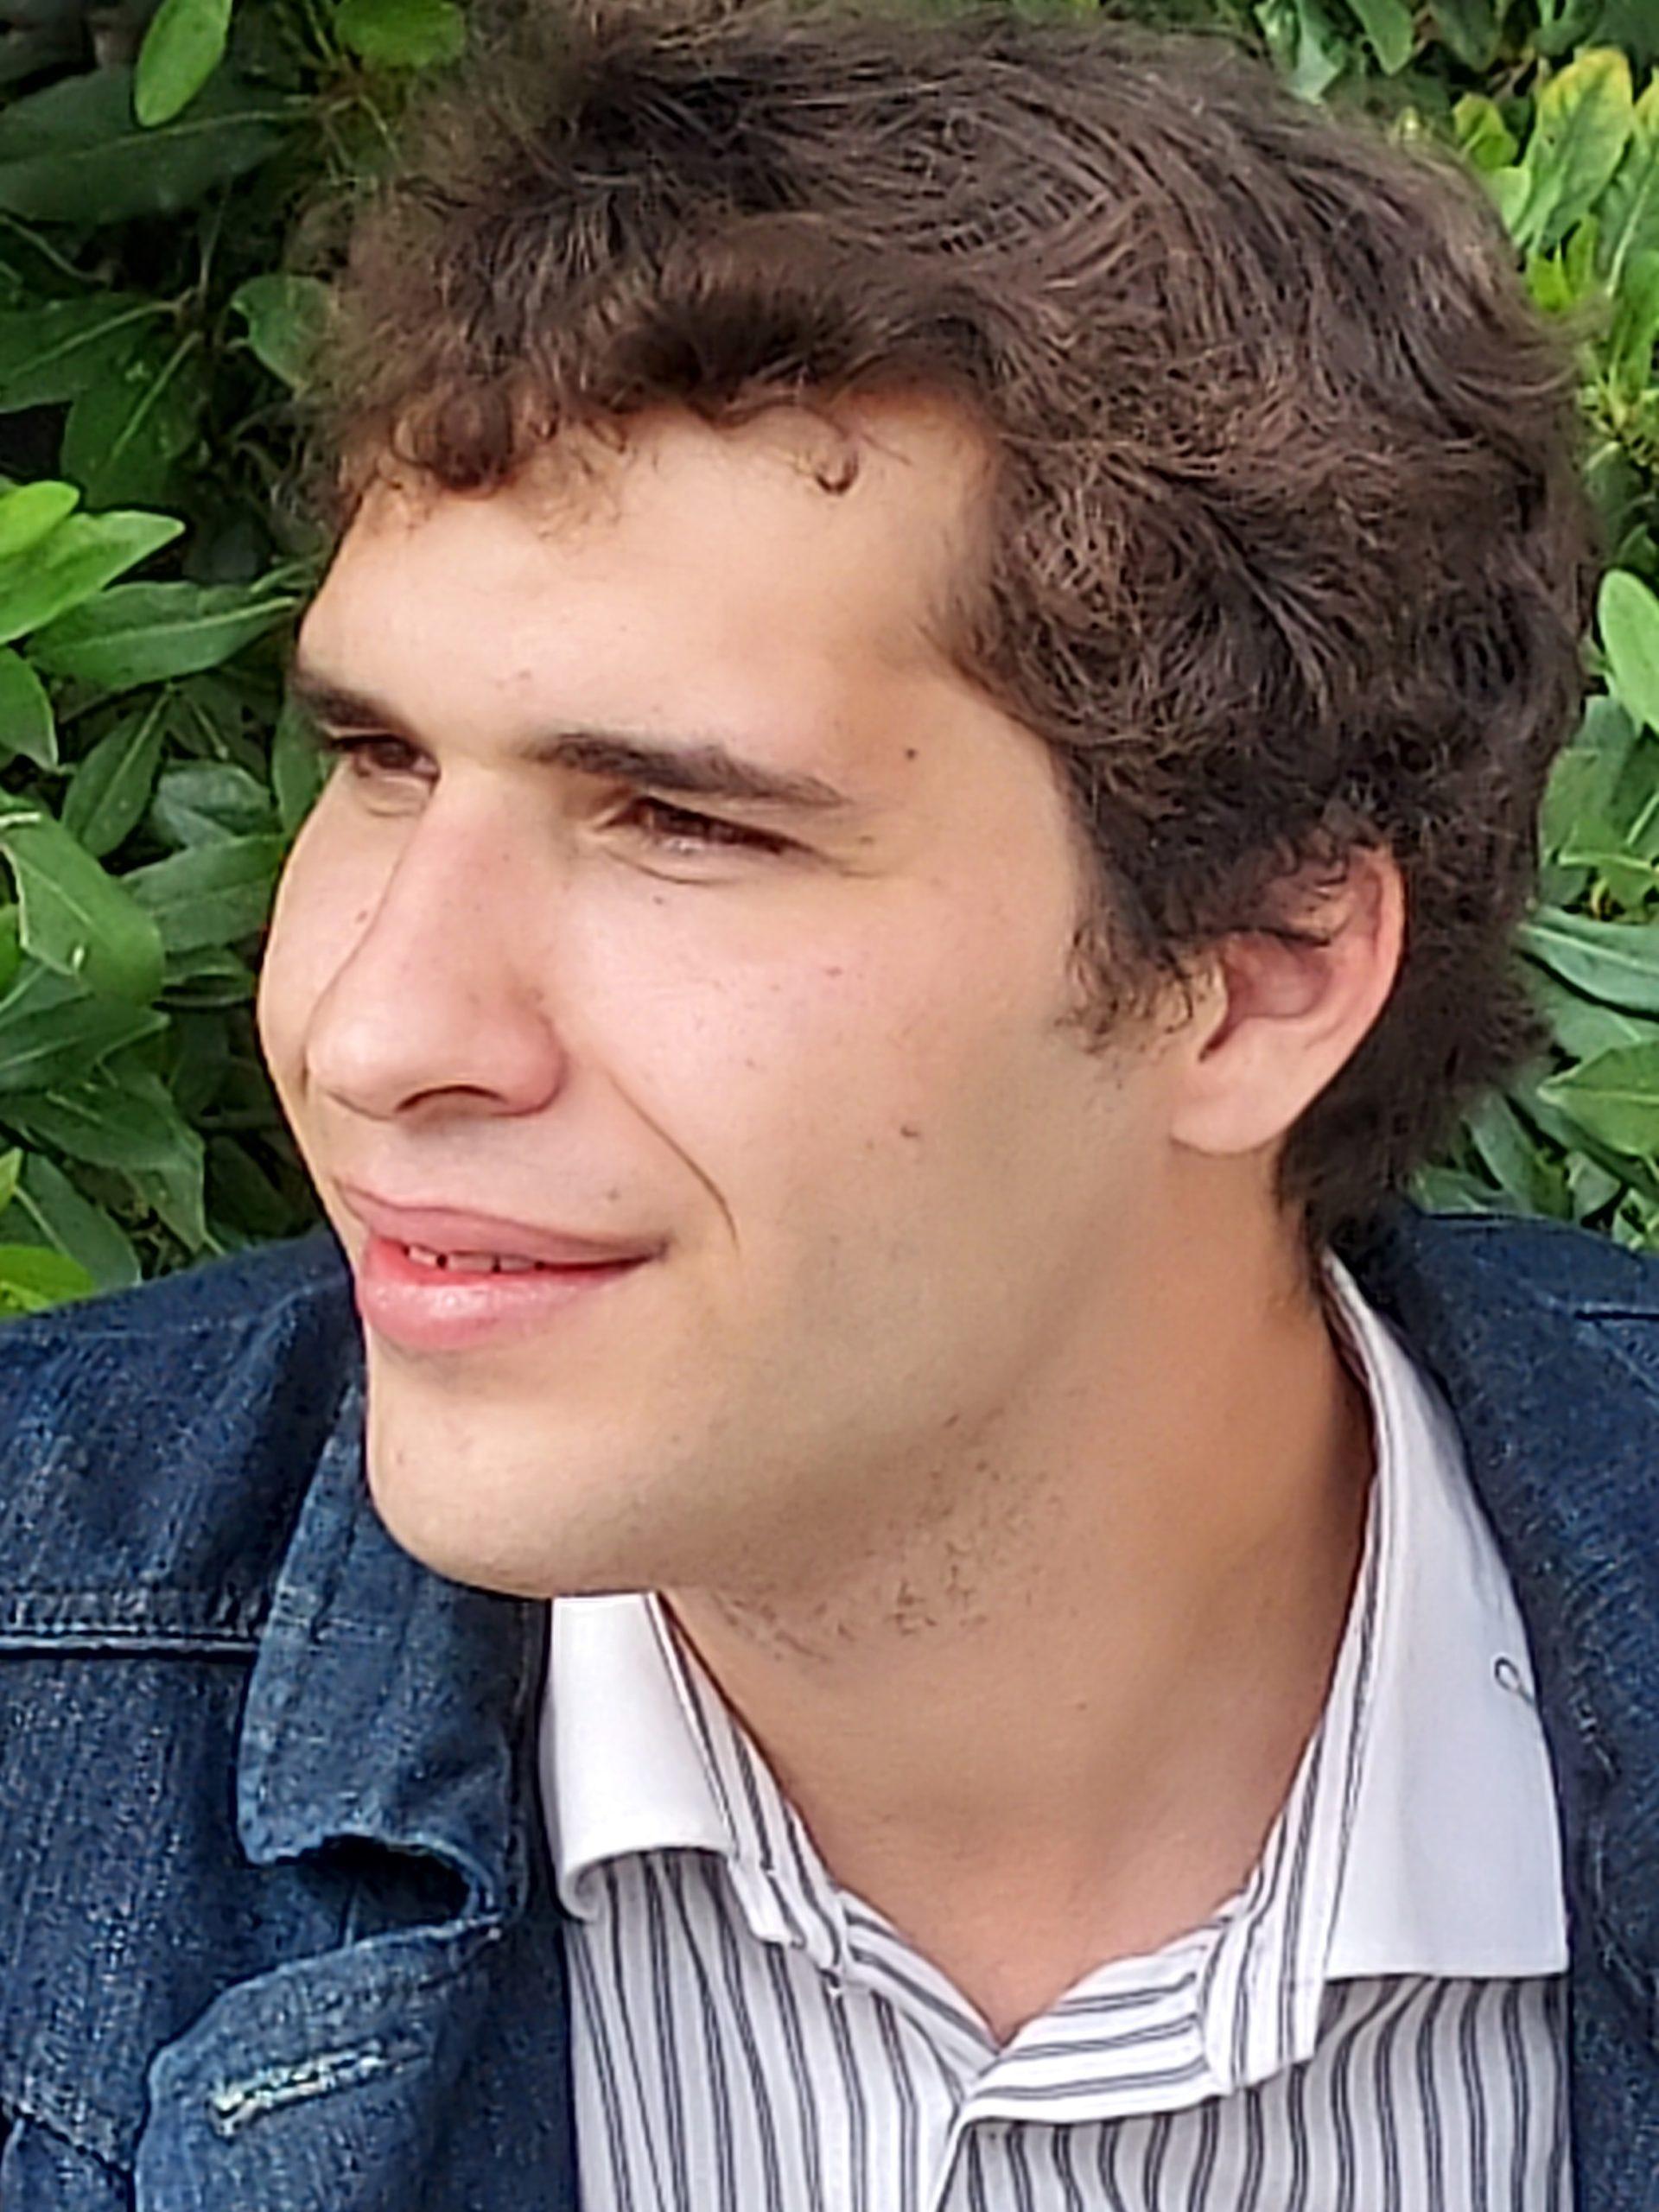 Grégoire Duron de Lavallière élections départementales canton Avignon 2